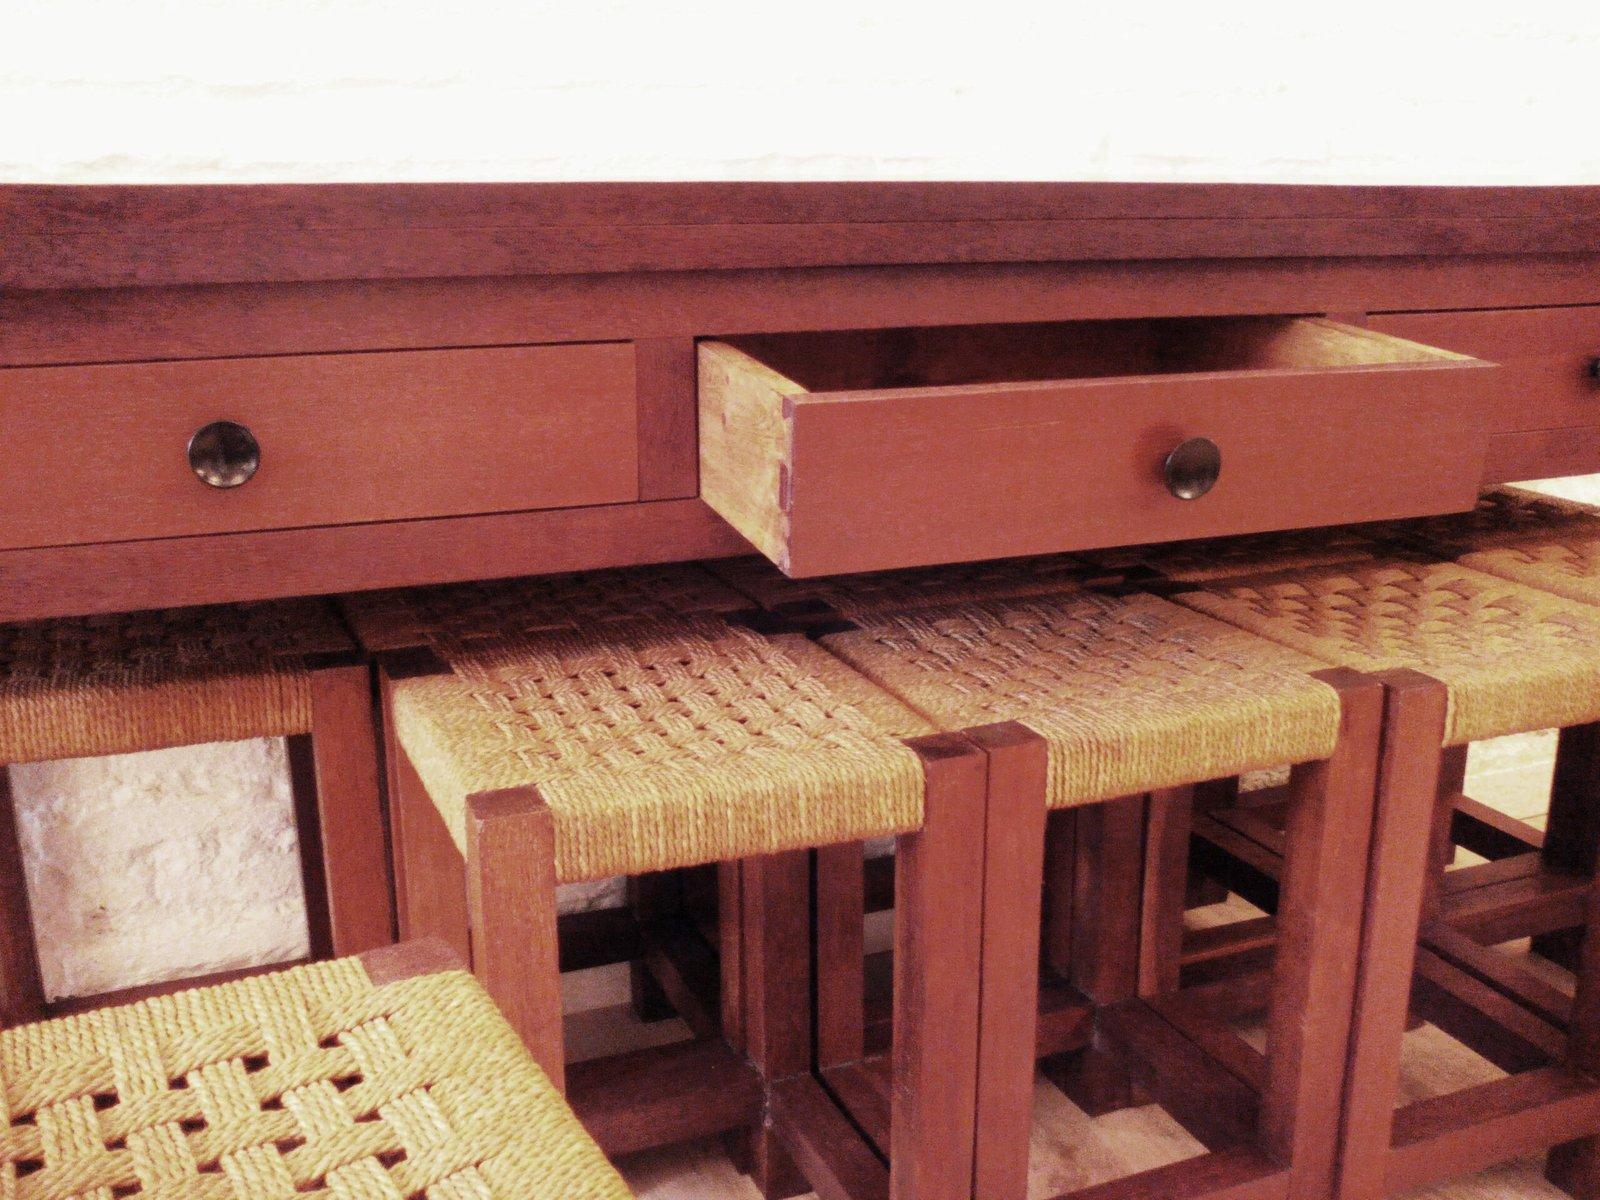 klapptisch oder konsolentisch 10 ipe hocker aus holz 1950er bei pamono kaufen. Black Bedroom Furniture Sets. Home Design Ideas